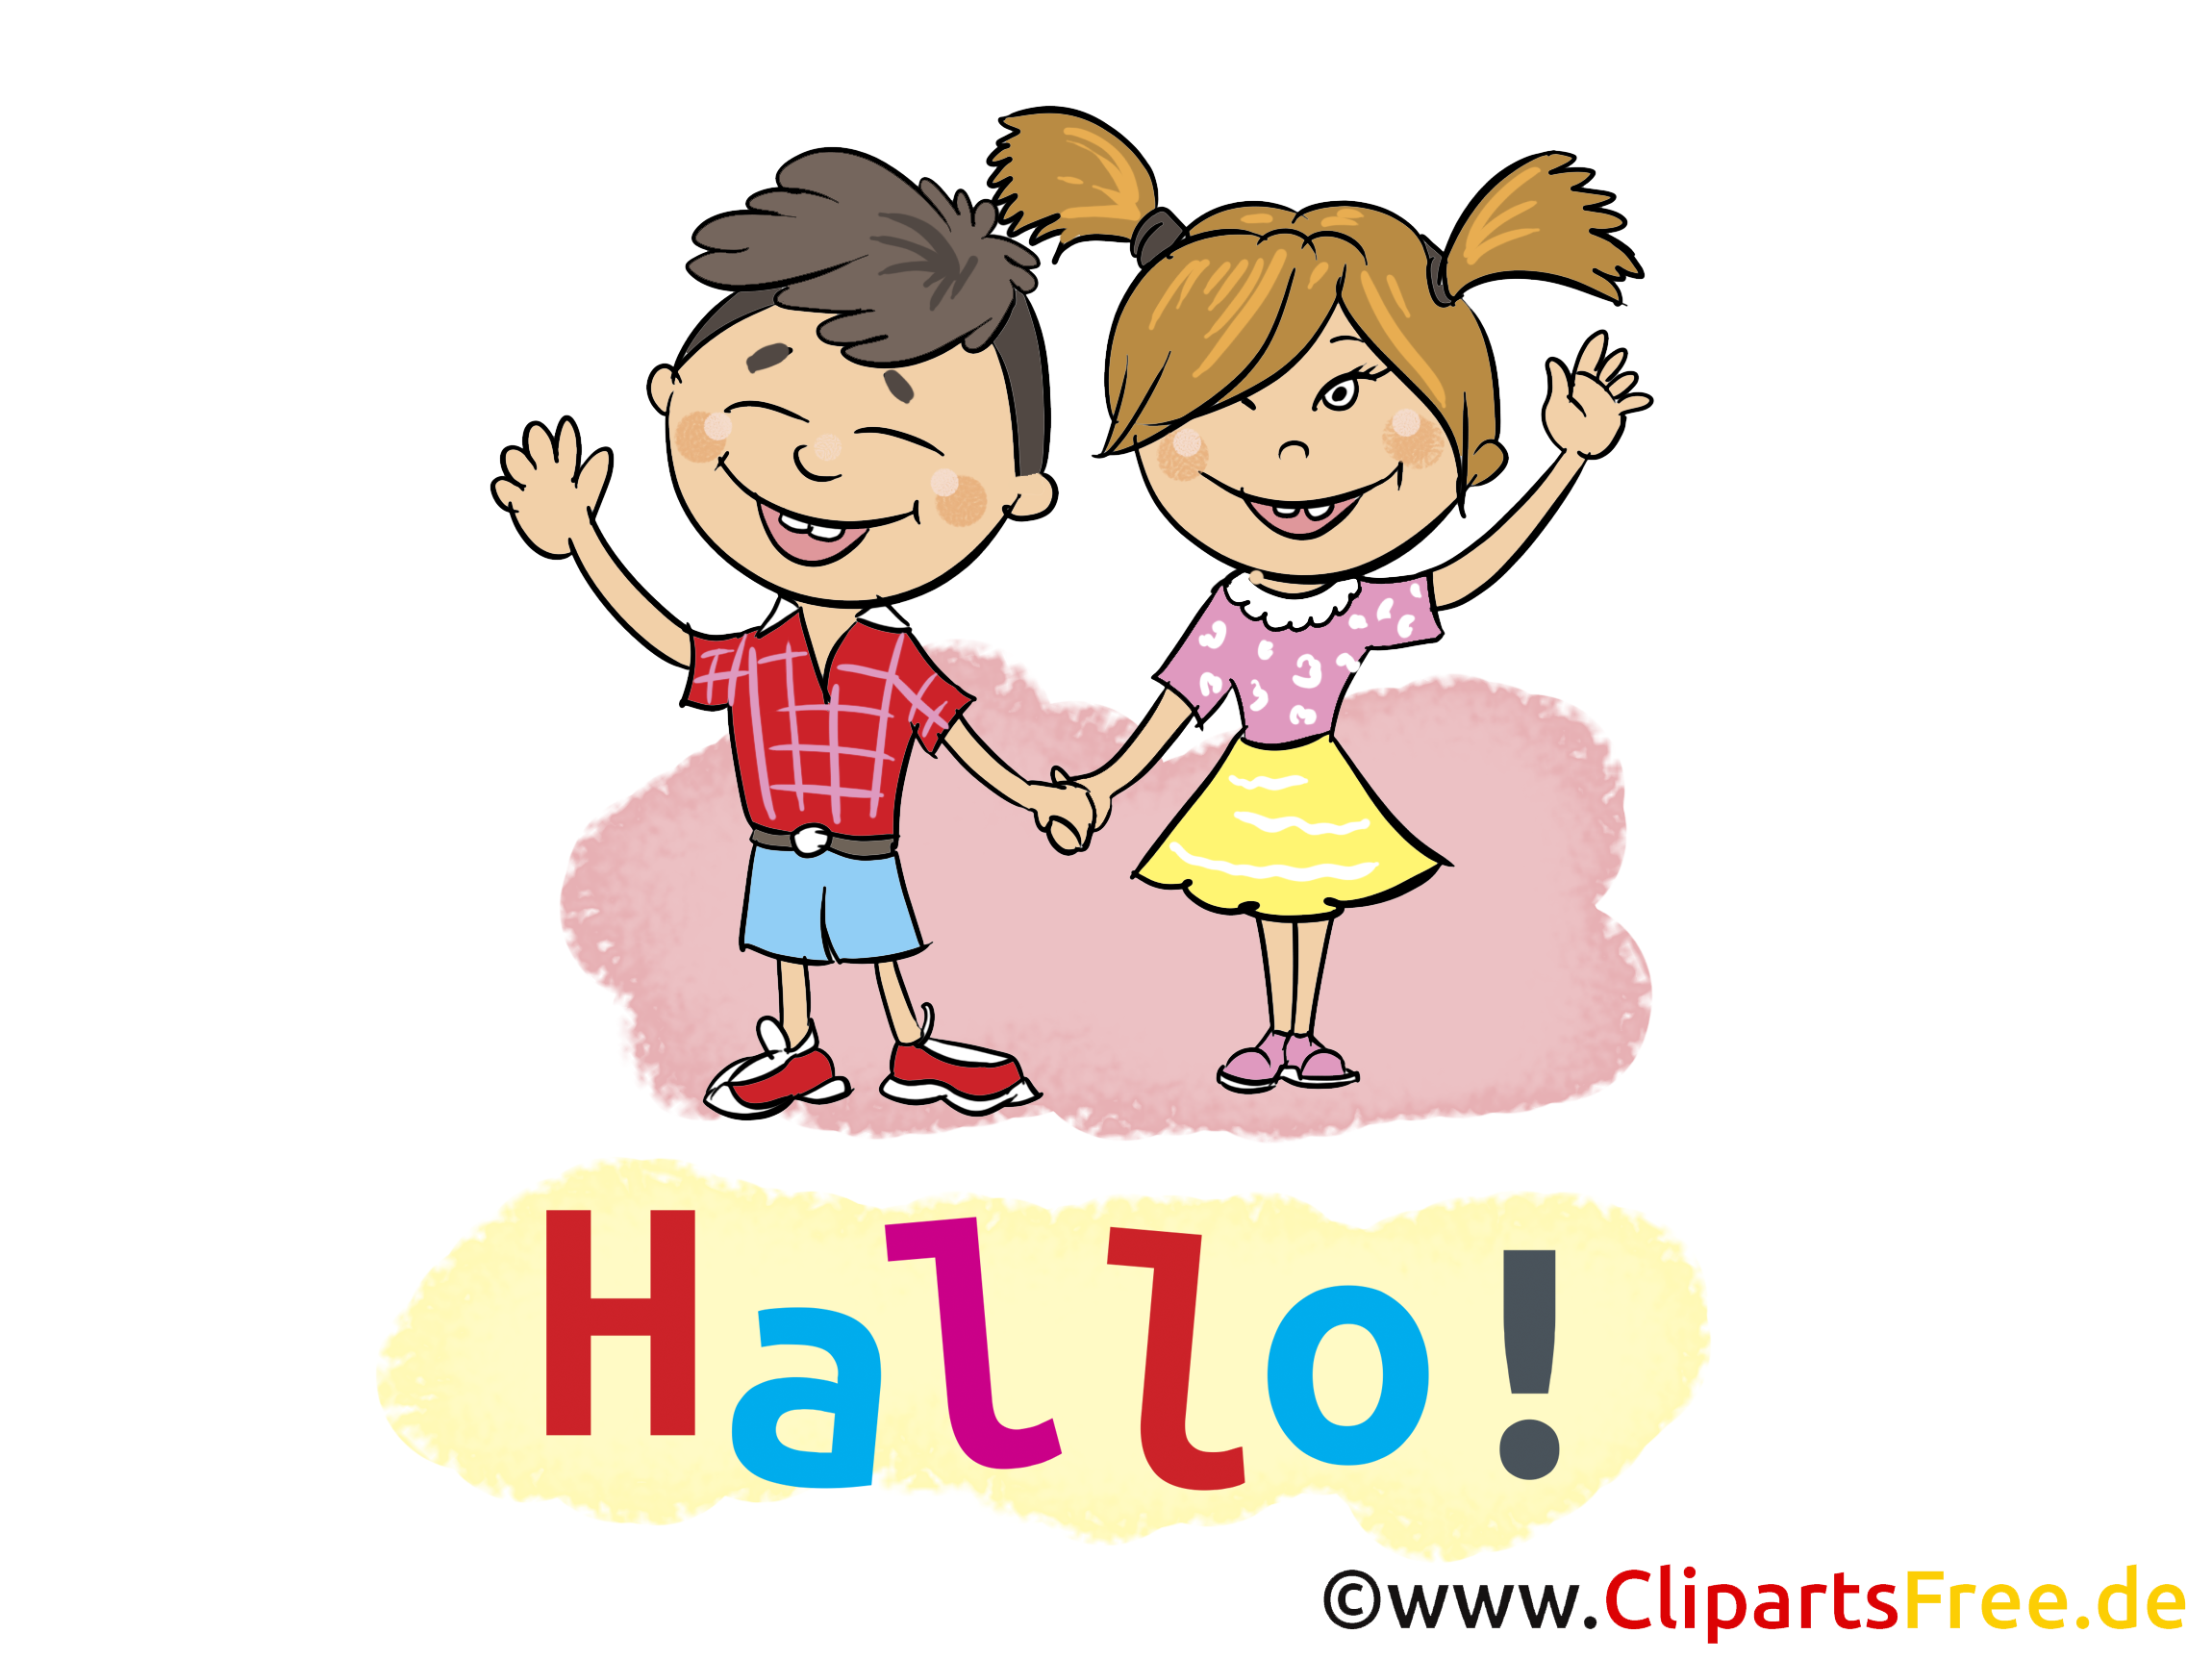 Hallo Bilder, Cliparts, Cartoons, Grafiken, Illustrationen, Gifs.